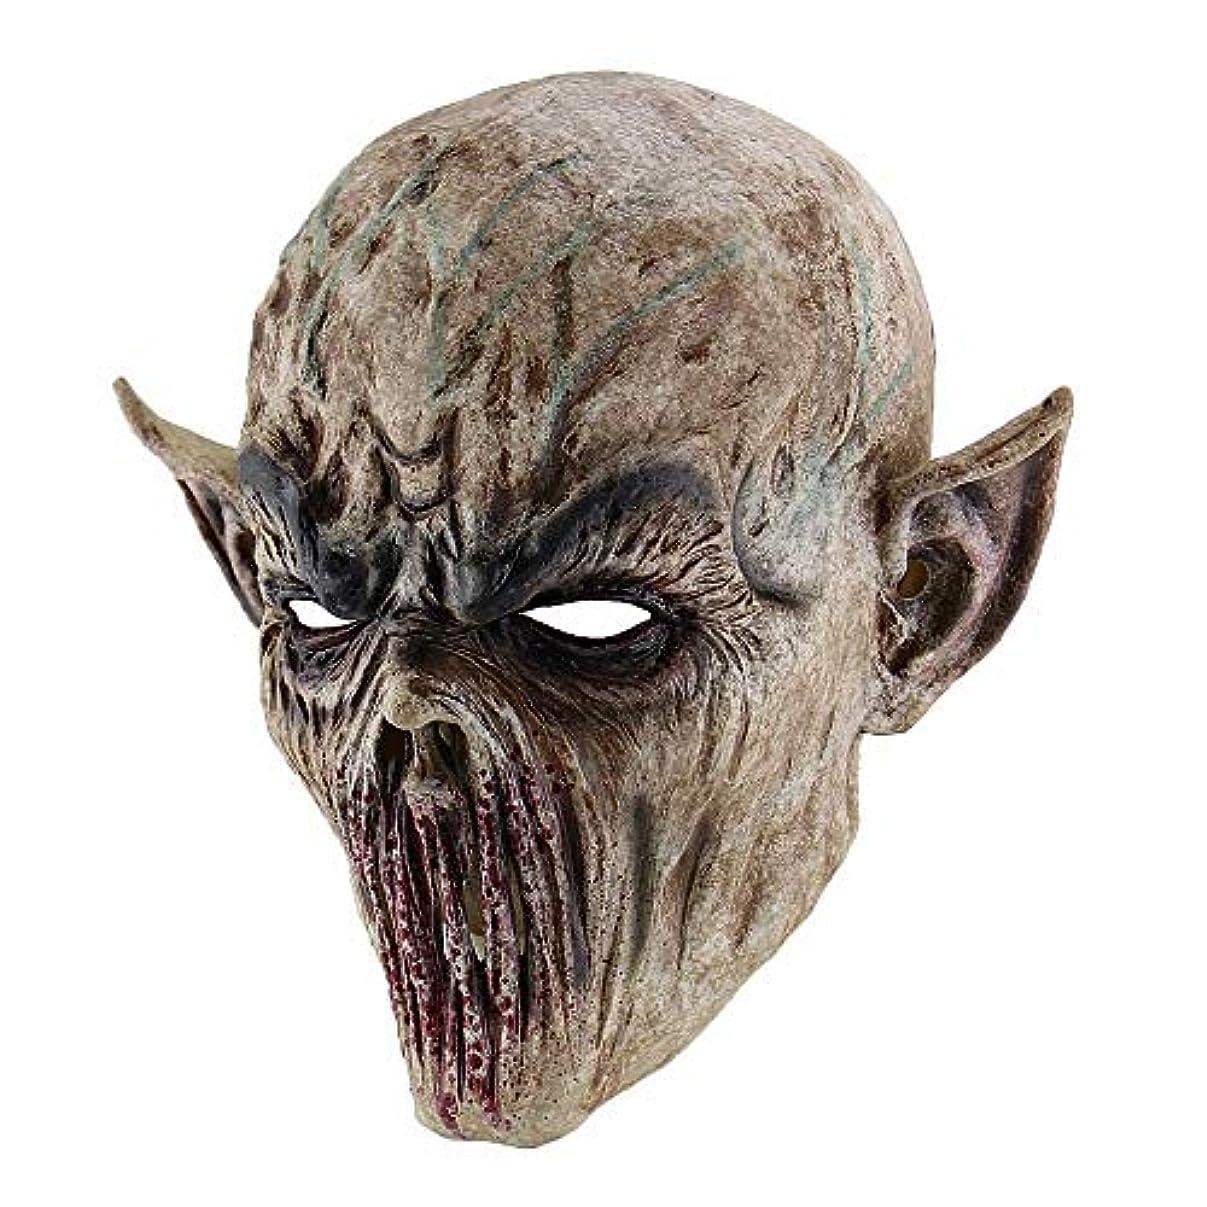 不気味な怖いハロウィーン不気味なラテックスマスク、大人のパーティーコスプレ衣装、仮装衣装,Zombie